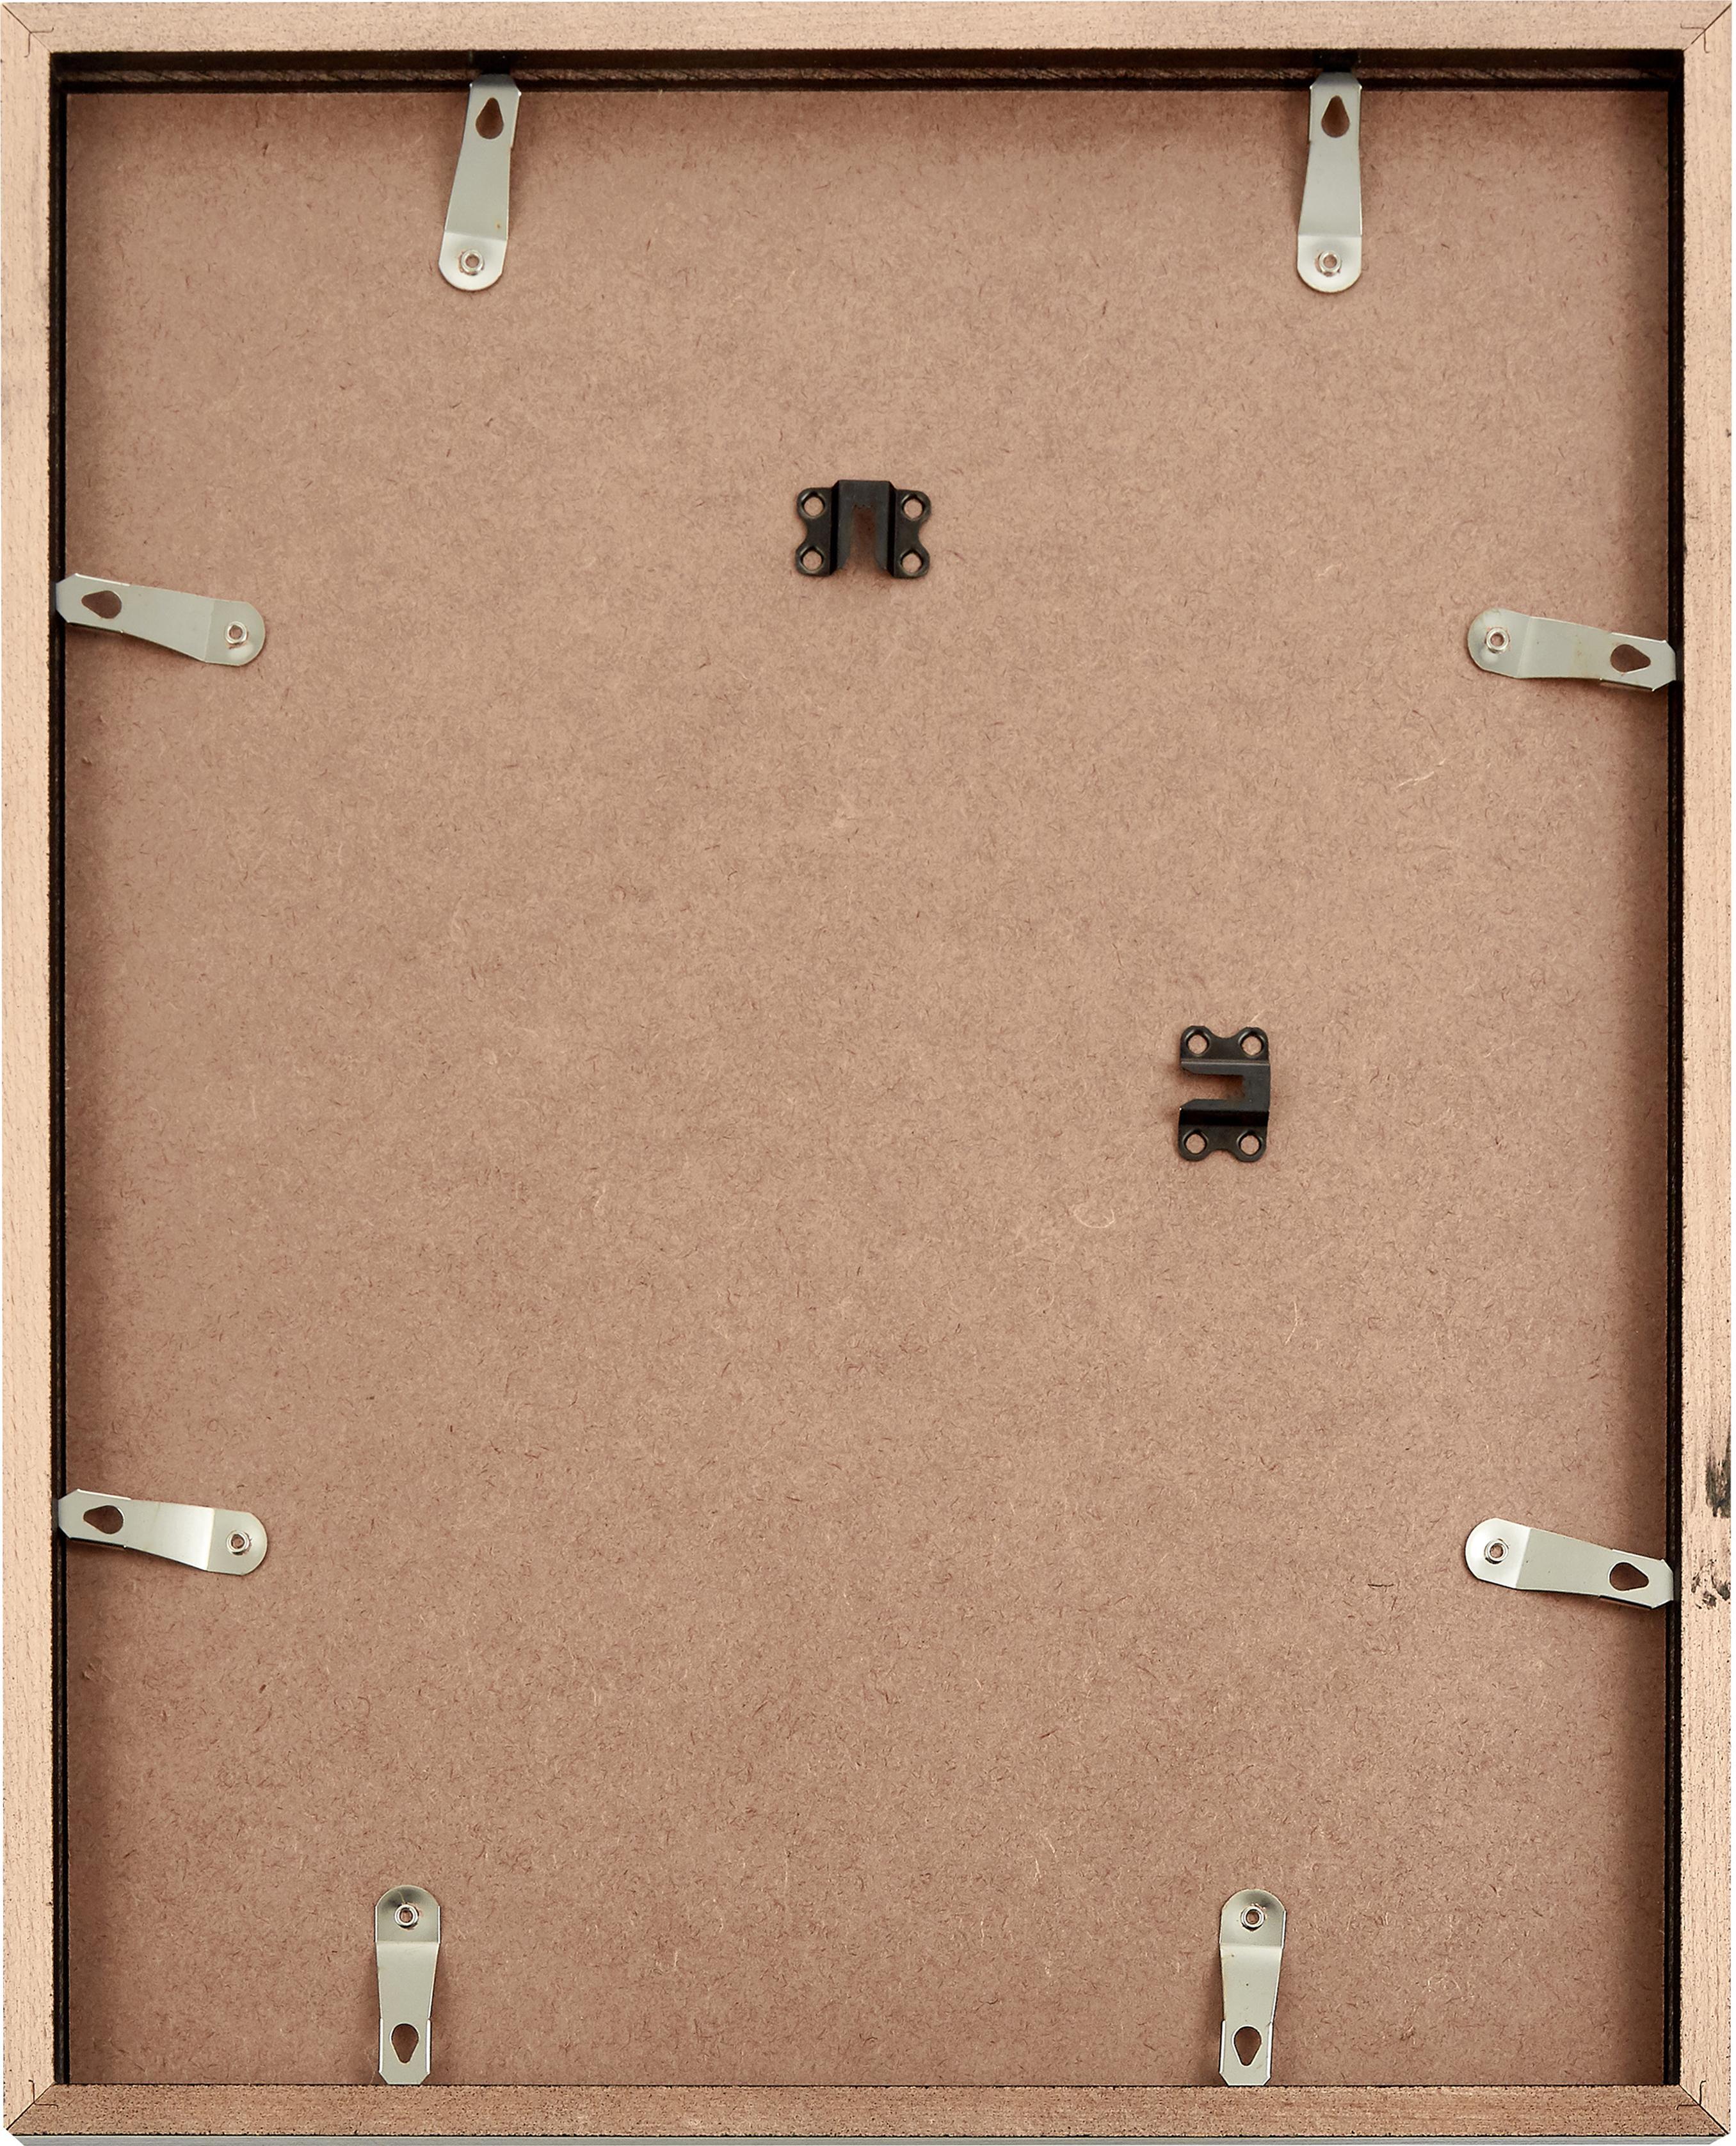 Gerahmter Digitaldruck Breakfast at Tiffany's, Bild: Digitaldruck auf Papier, , Rahmen: Holz, lackiert, Front: Plexiglas, Bild: Schwarz, Weiß Rahmen: Schwarz, 33 x 43 cm